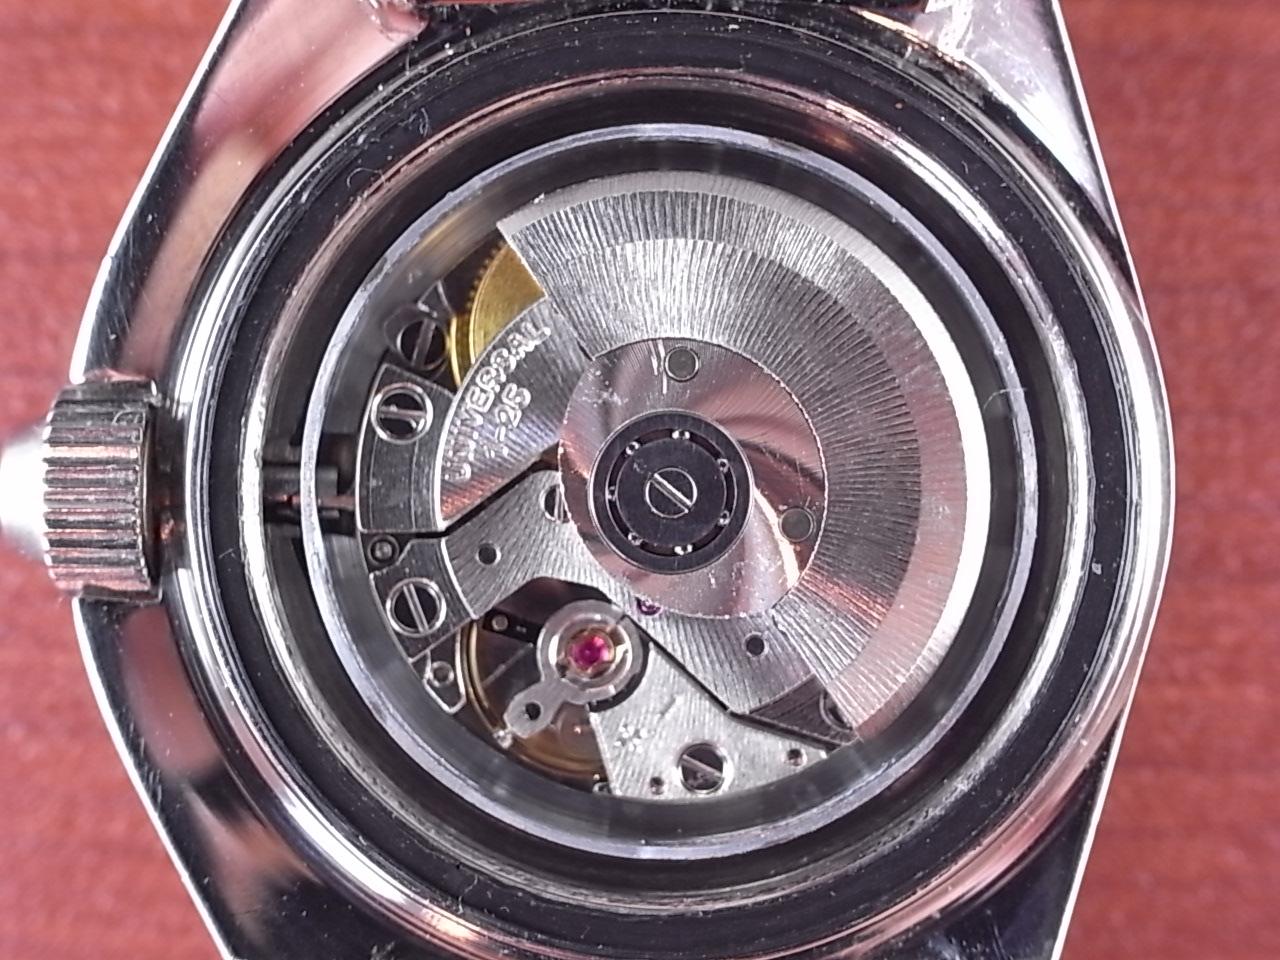 ユニバーサル・ジュネーブ レディースサブ オートマチック レッドベゼル 1970年代の写真5枚目